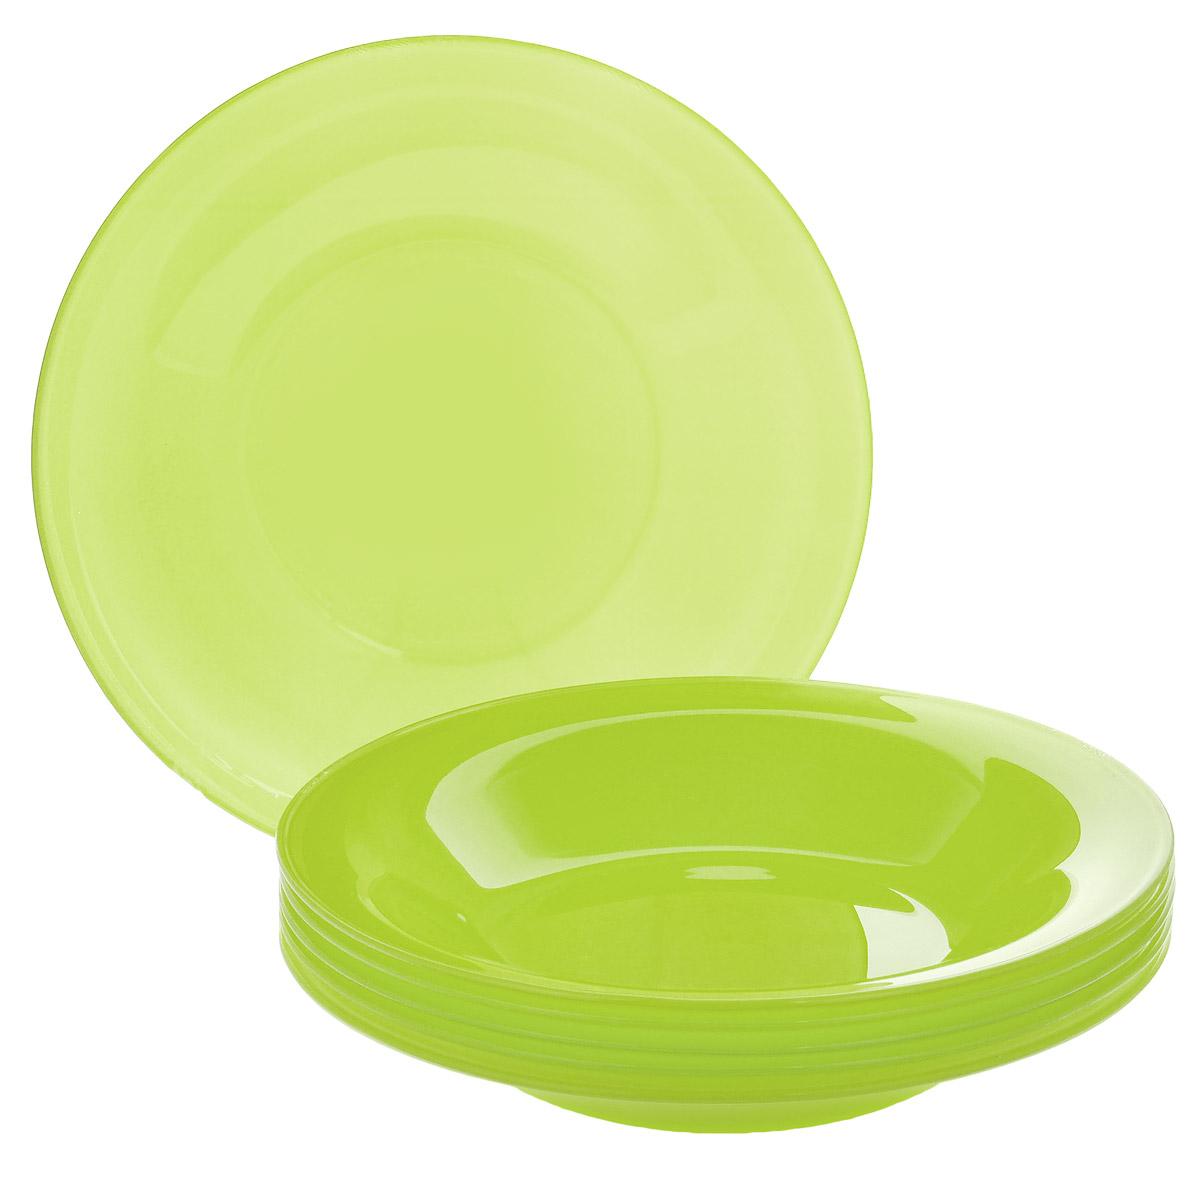 Набор глубоких тарелок, цвет: зеленый, диаметр 19 см, 6 шт. Кт FSP75T115510Набор тарелок, выполненный из высококачественного стекла, состоит из 6 глубоких тарелок. Они сочетают в себе изысканный дизайн с максимальной функциональностью. Оригинальность оформления тарелок придется по вкусу и ценителям классики, и тем, кто предпочитает утонченность и изящность. Набор тарелок послужит отличным подарком к любому празднику.